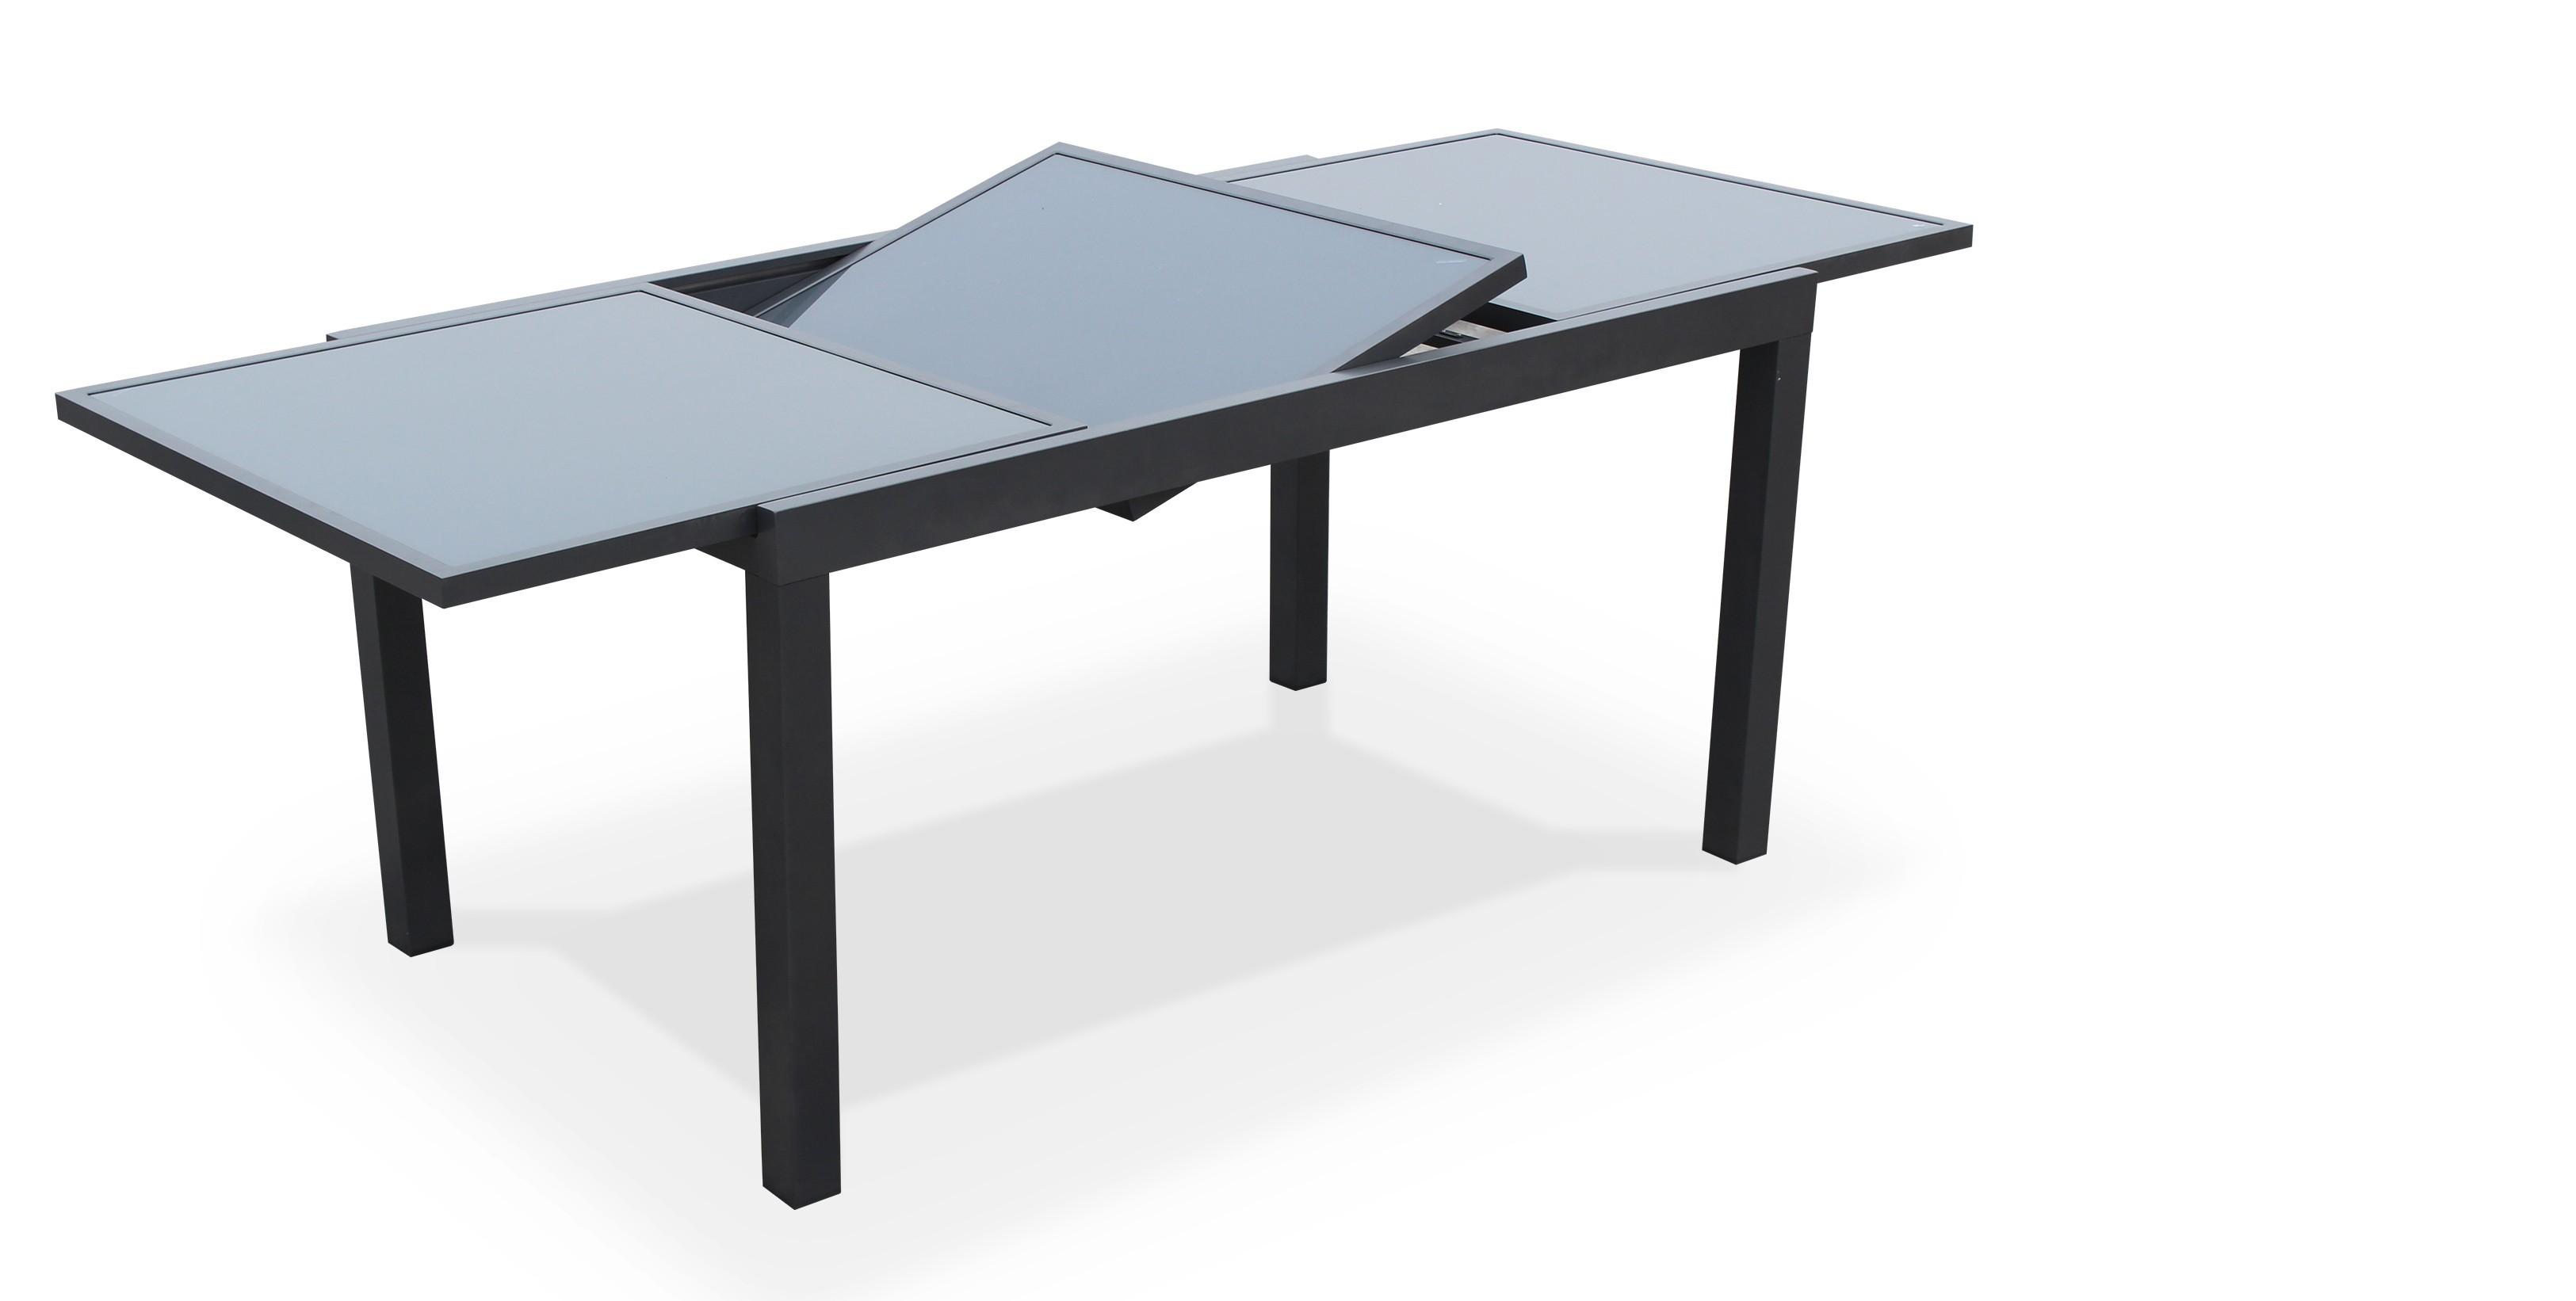 Table De Jardin Plastique Avec Rallonge | Chaise Jardin Couleur ...